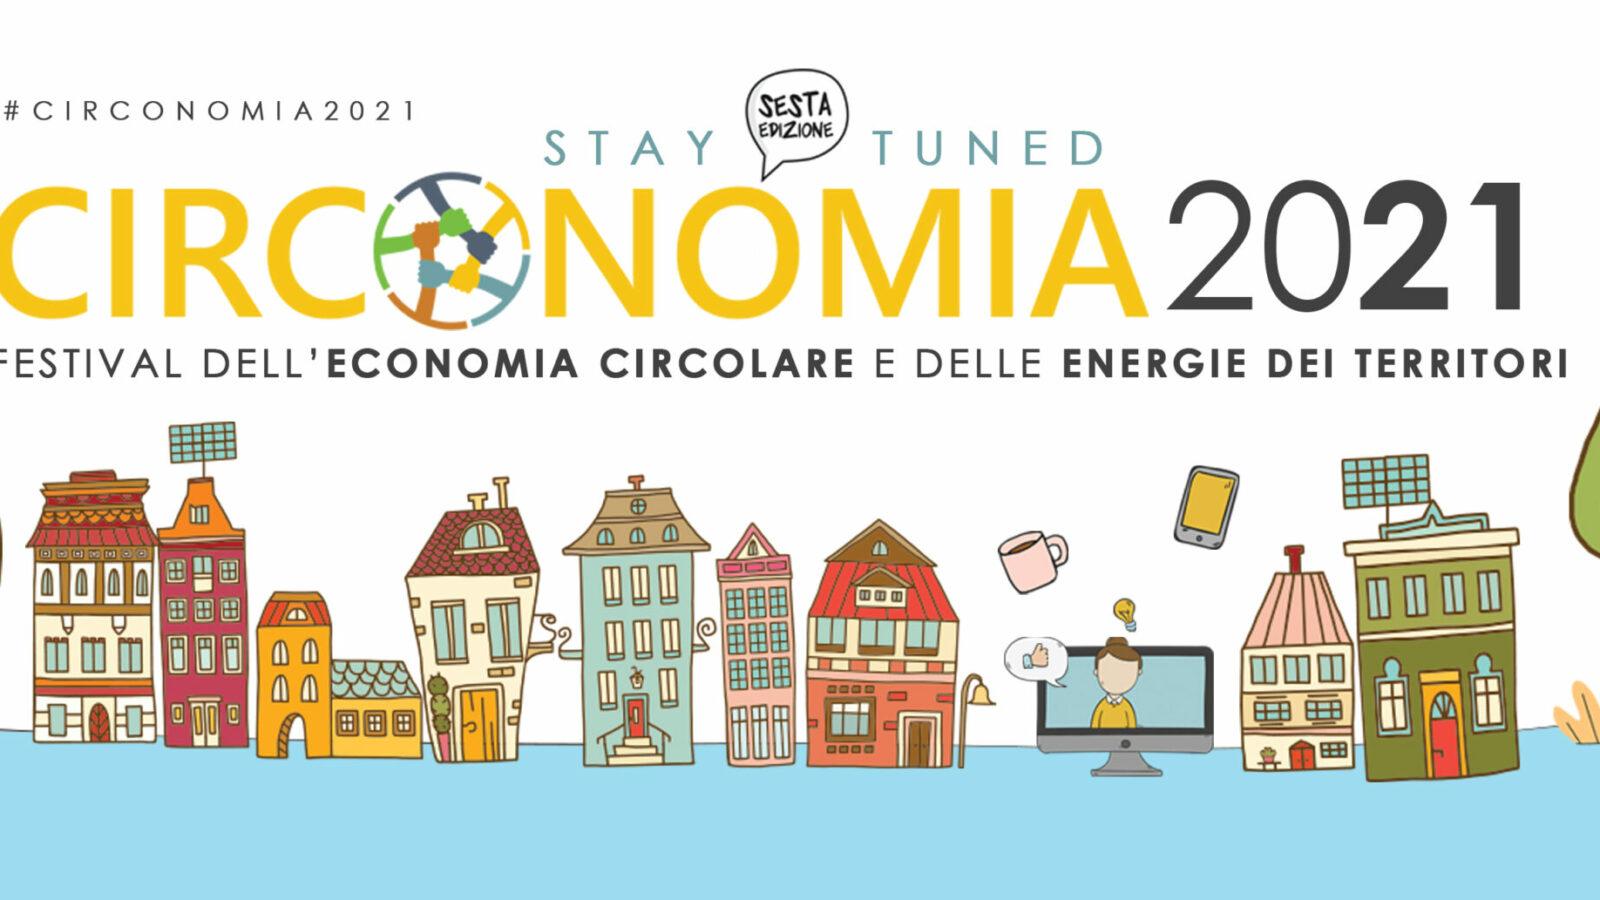 Circonomìa 2021: ad Alba, il festival dell'economia circolare